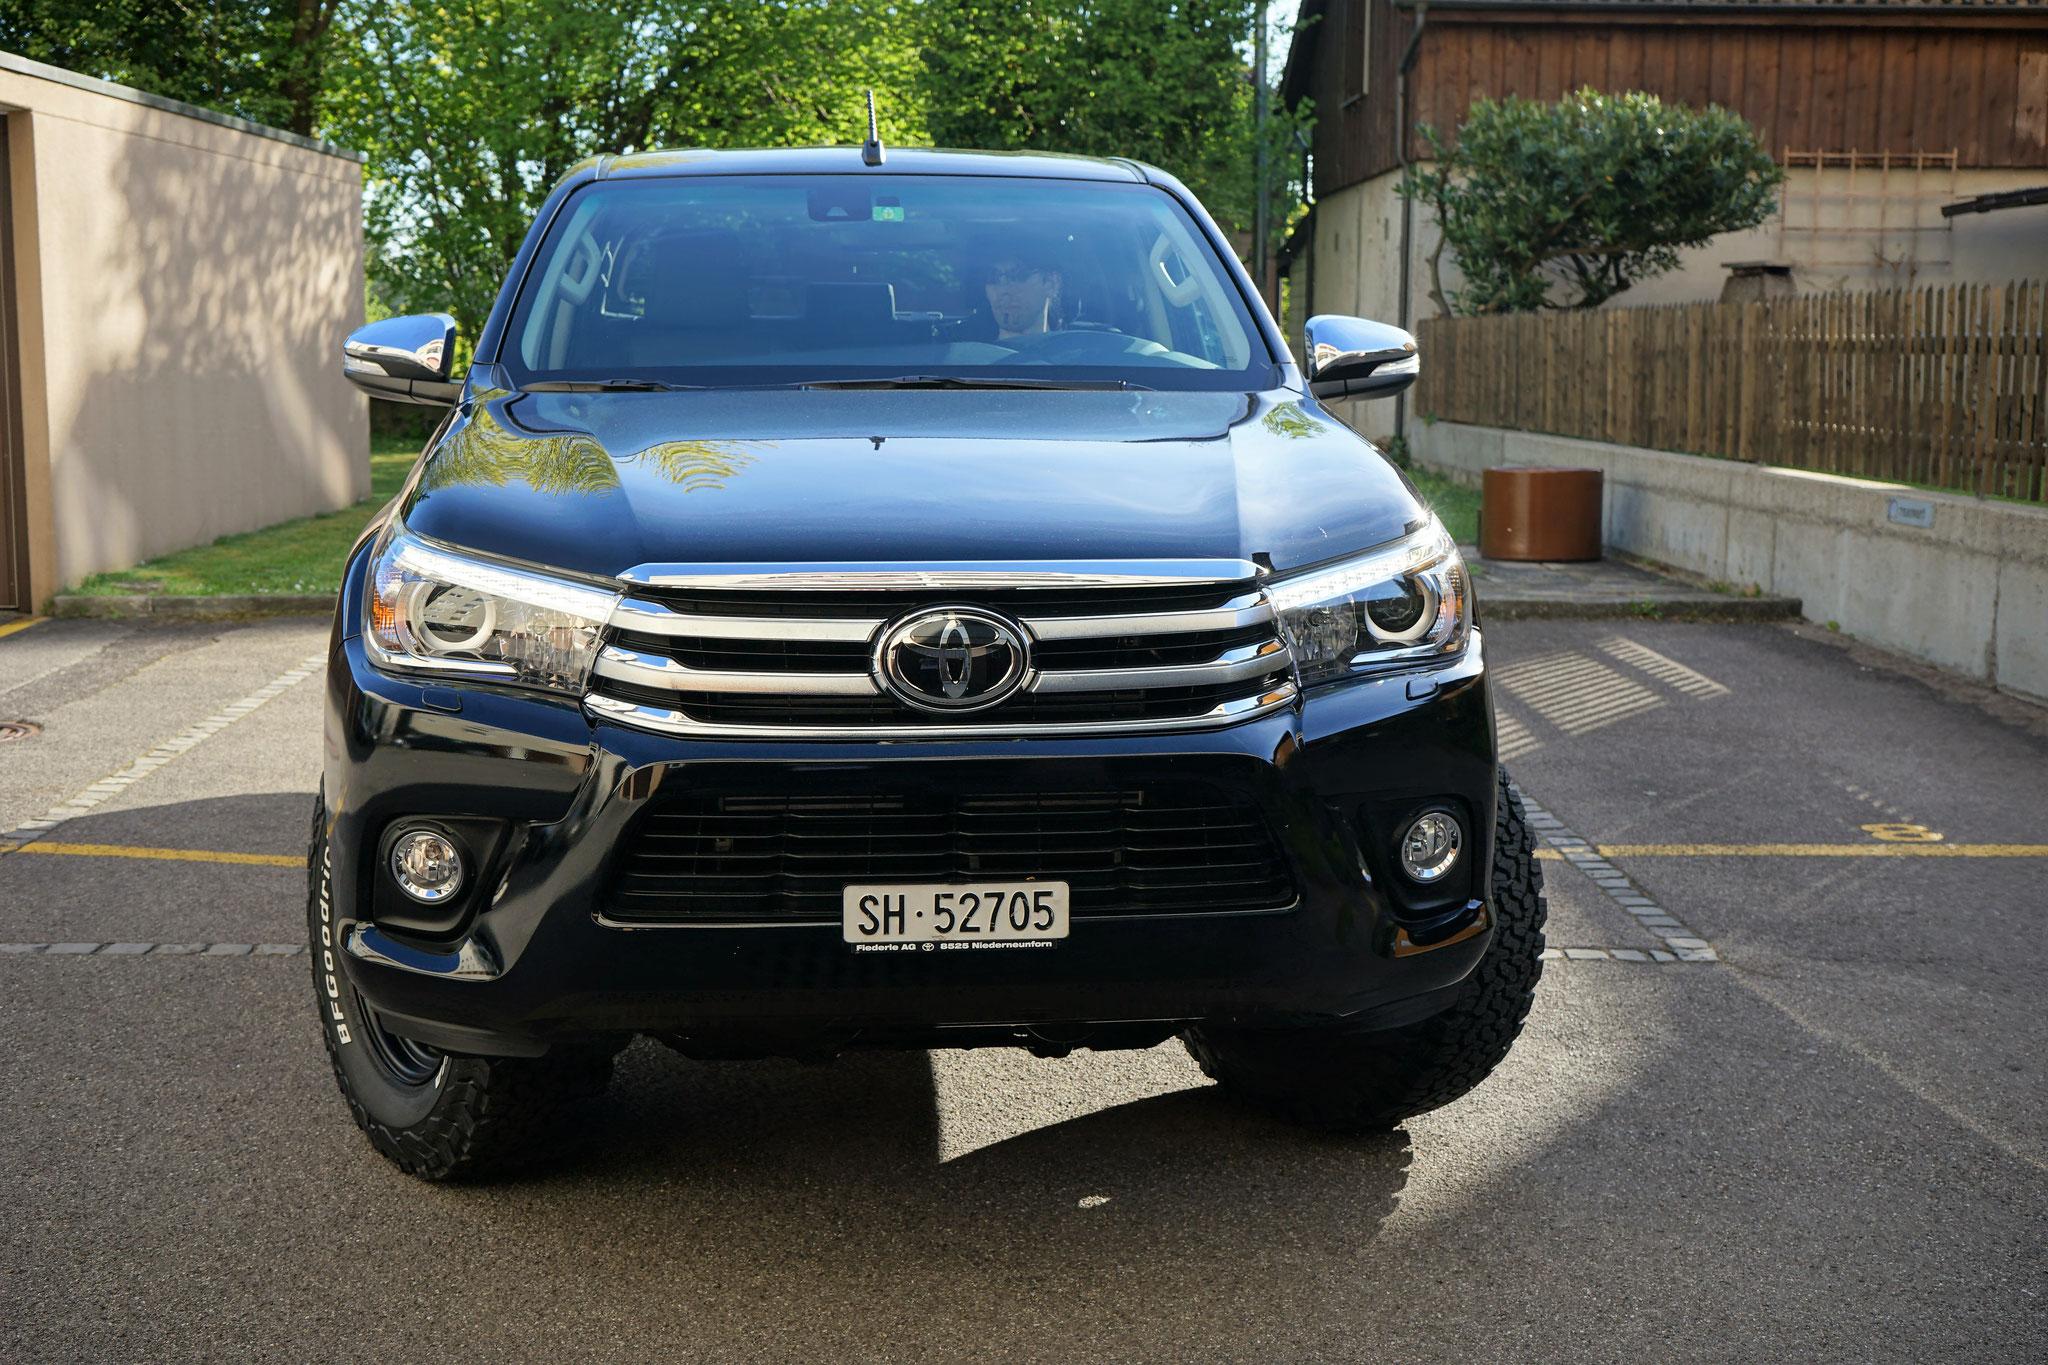 Toyota Hillux 2017 2.4 Revo sol premium 4x4 Blackwolf Wolf78-overland.ch offroad overland 4x4 Bf goodrich